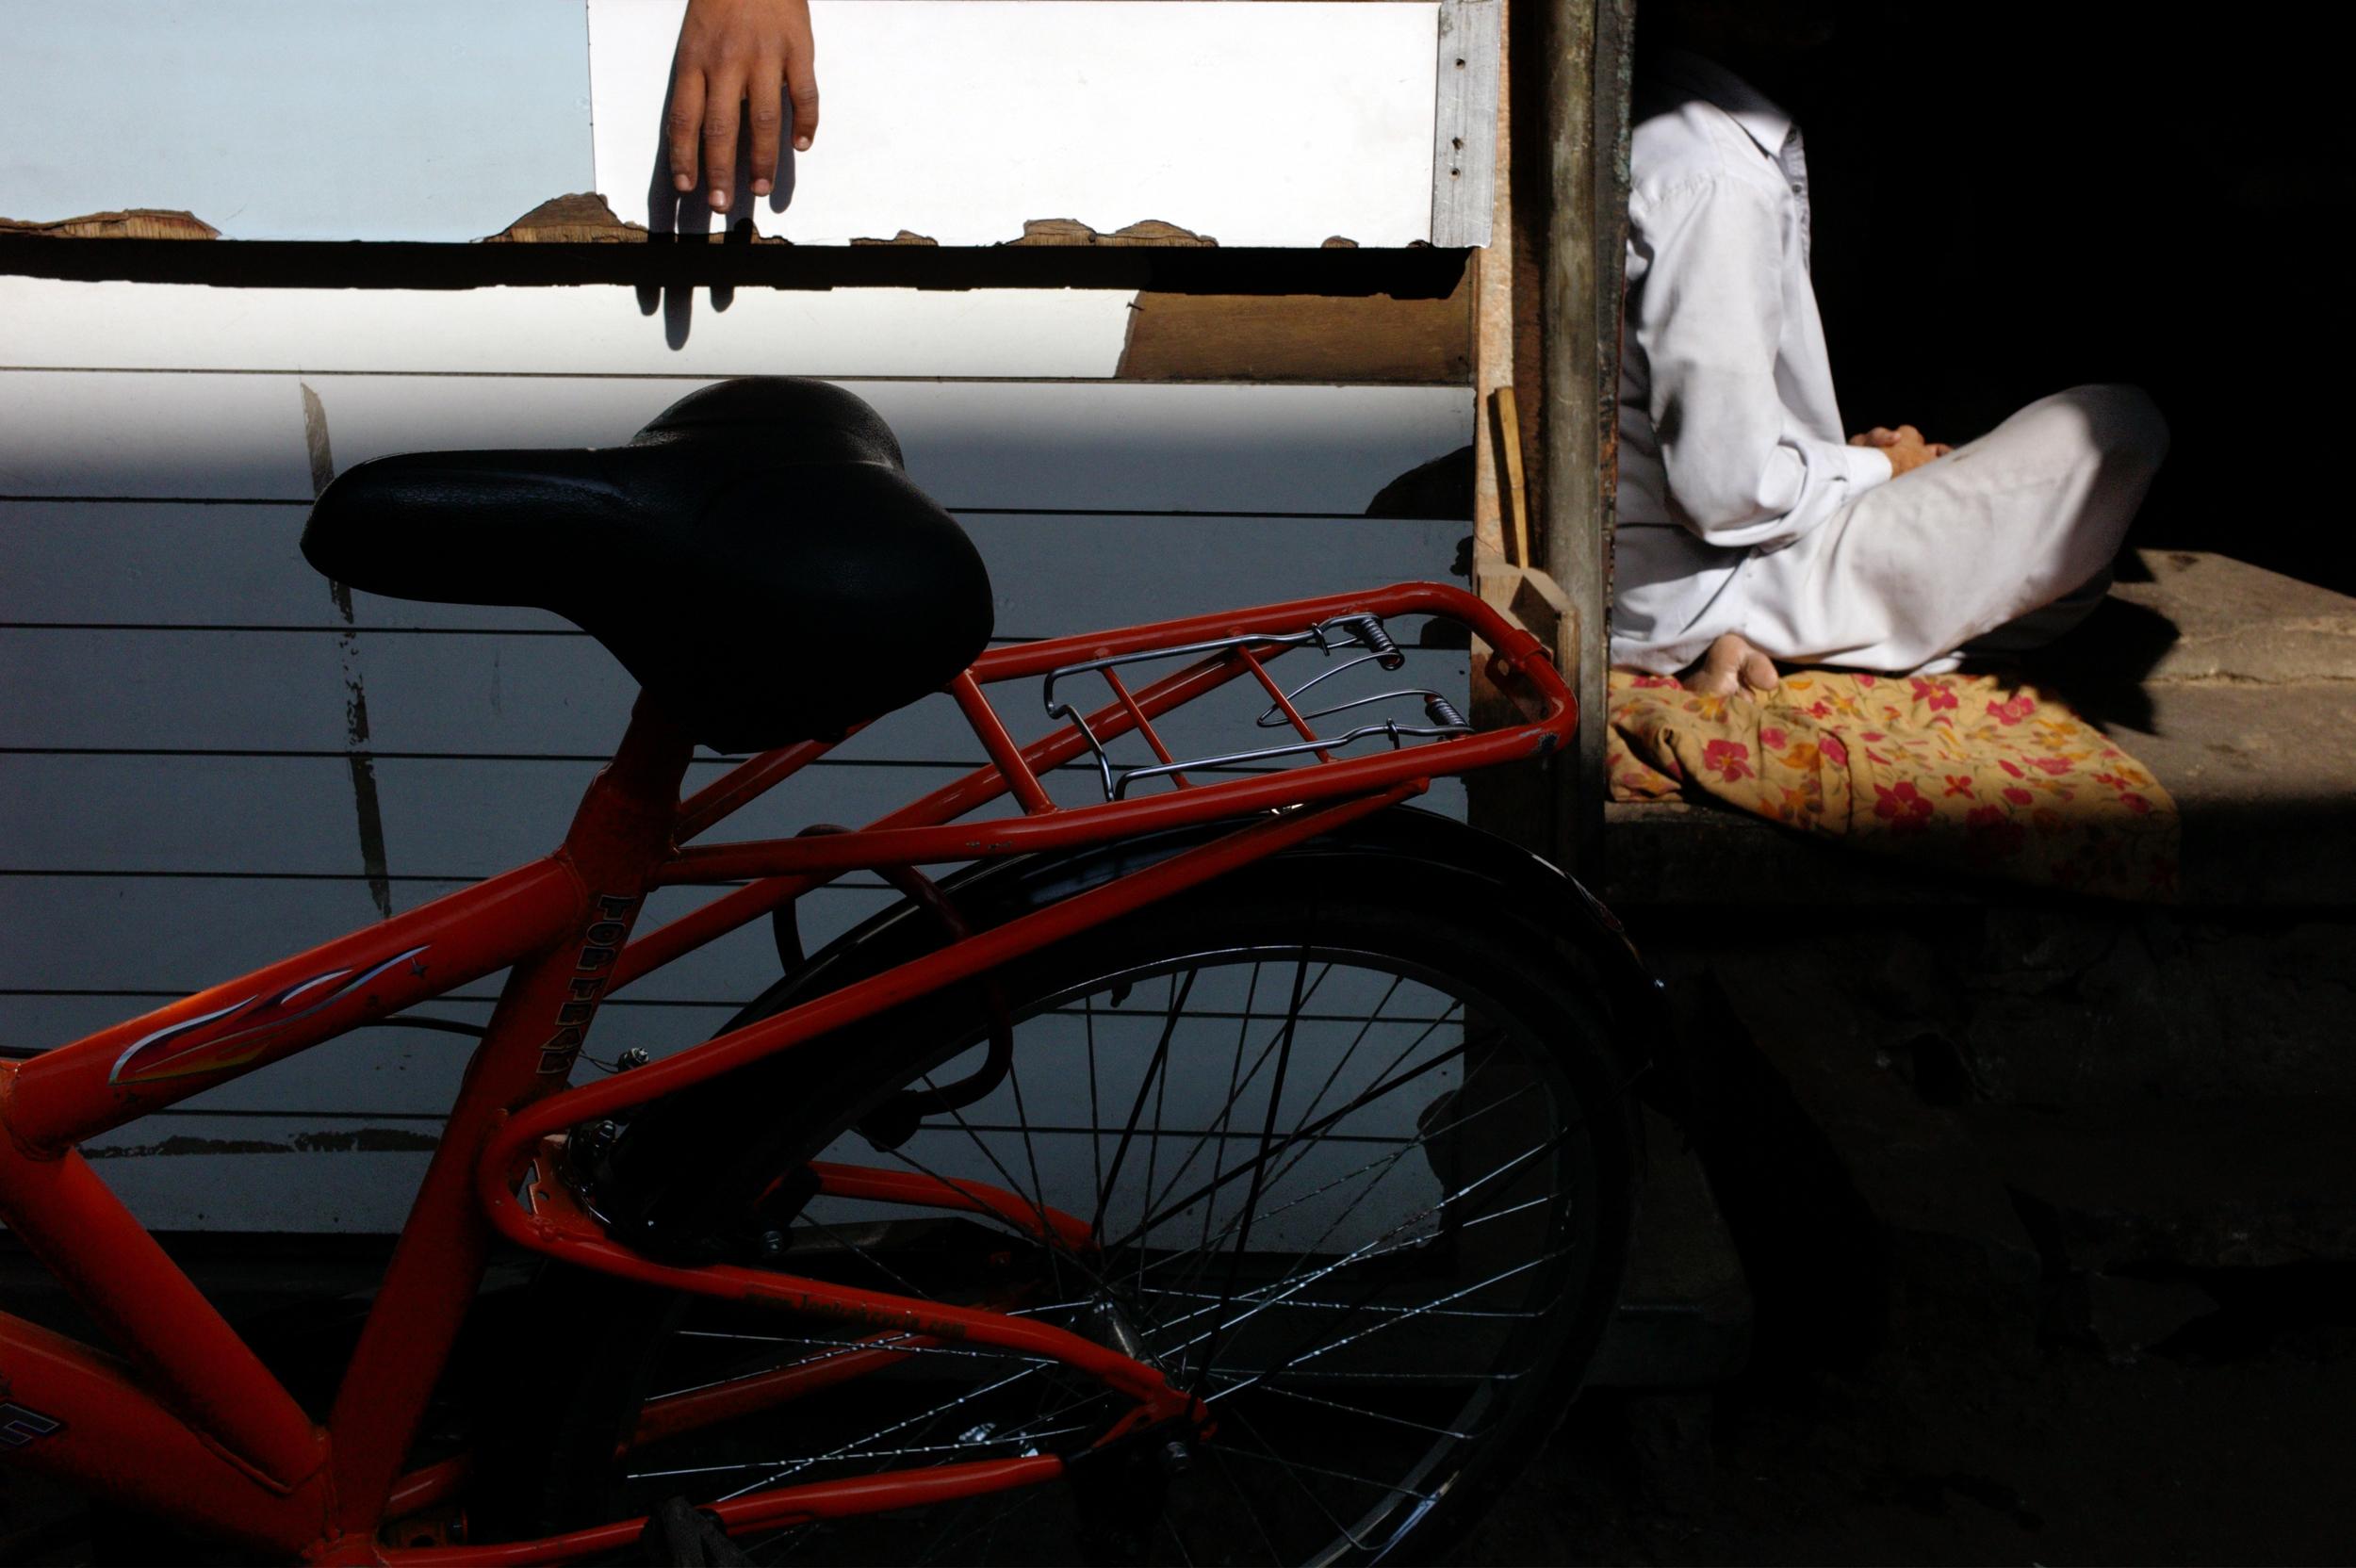 Hintergrundbilder : Hände, Straße, Fahrrad, Fahrzeug, Indien ...